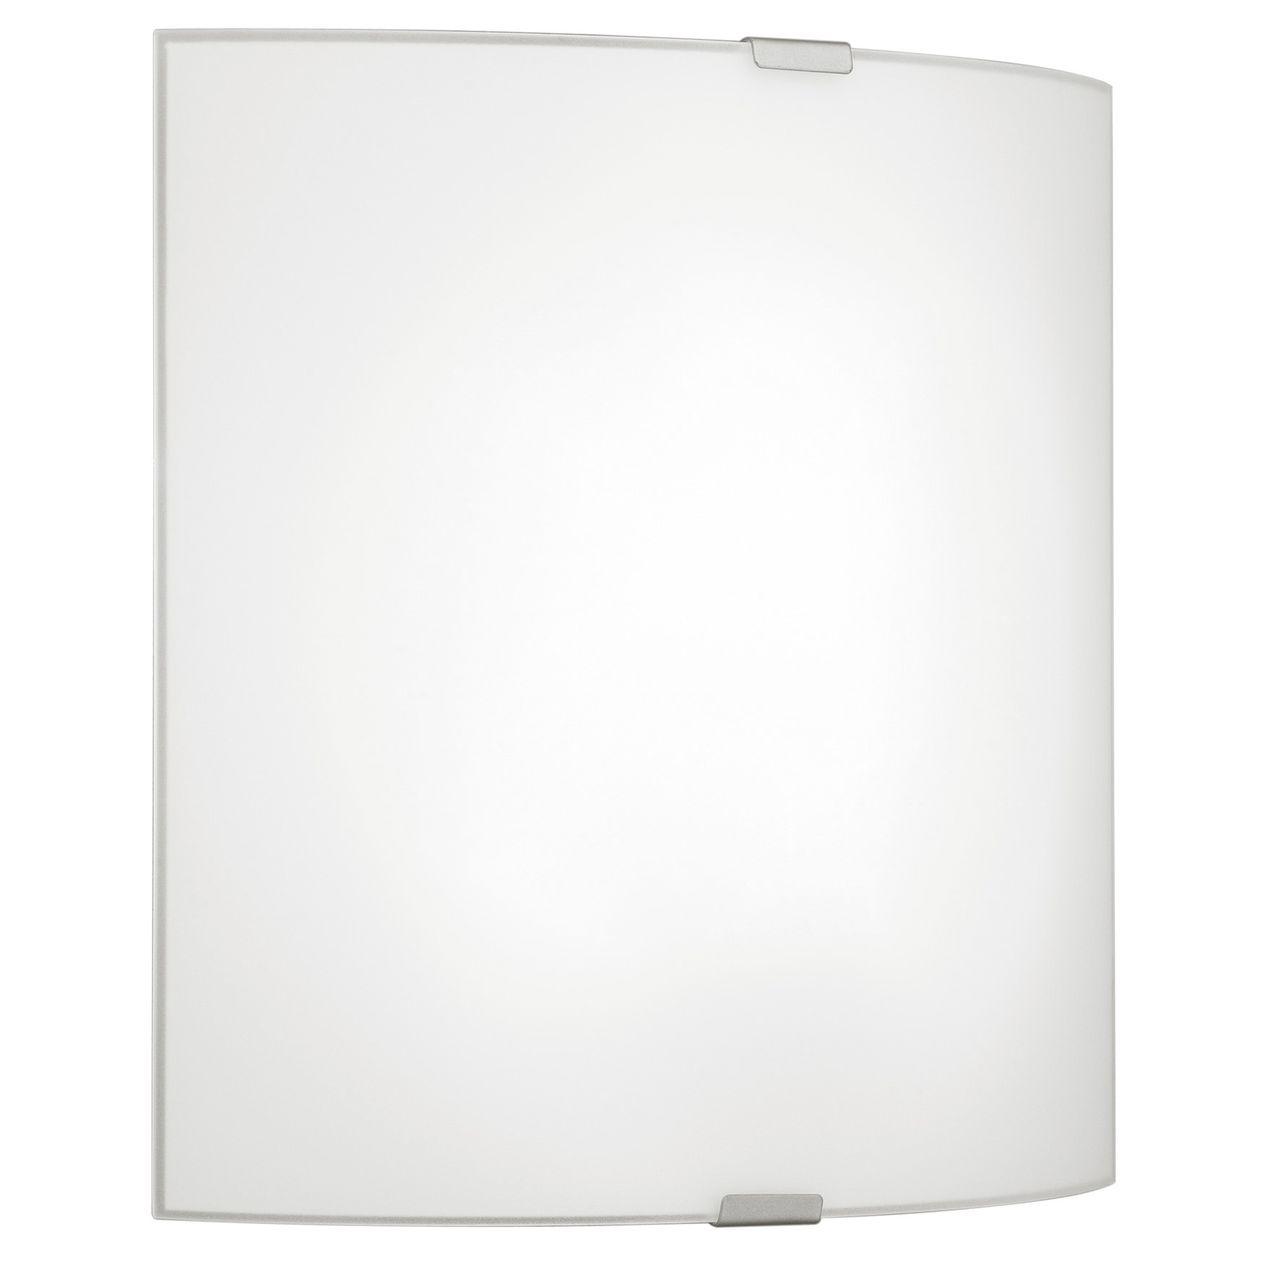 цена на Накладной светильник Eglo, E27, 60 Вт